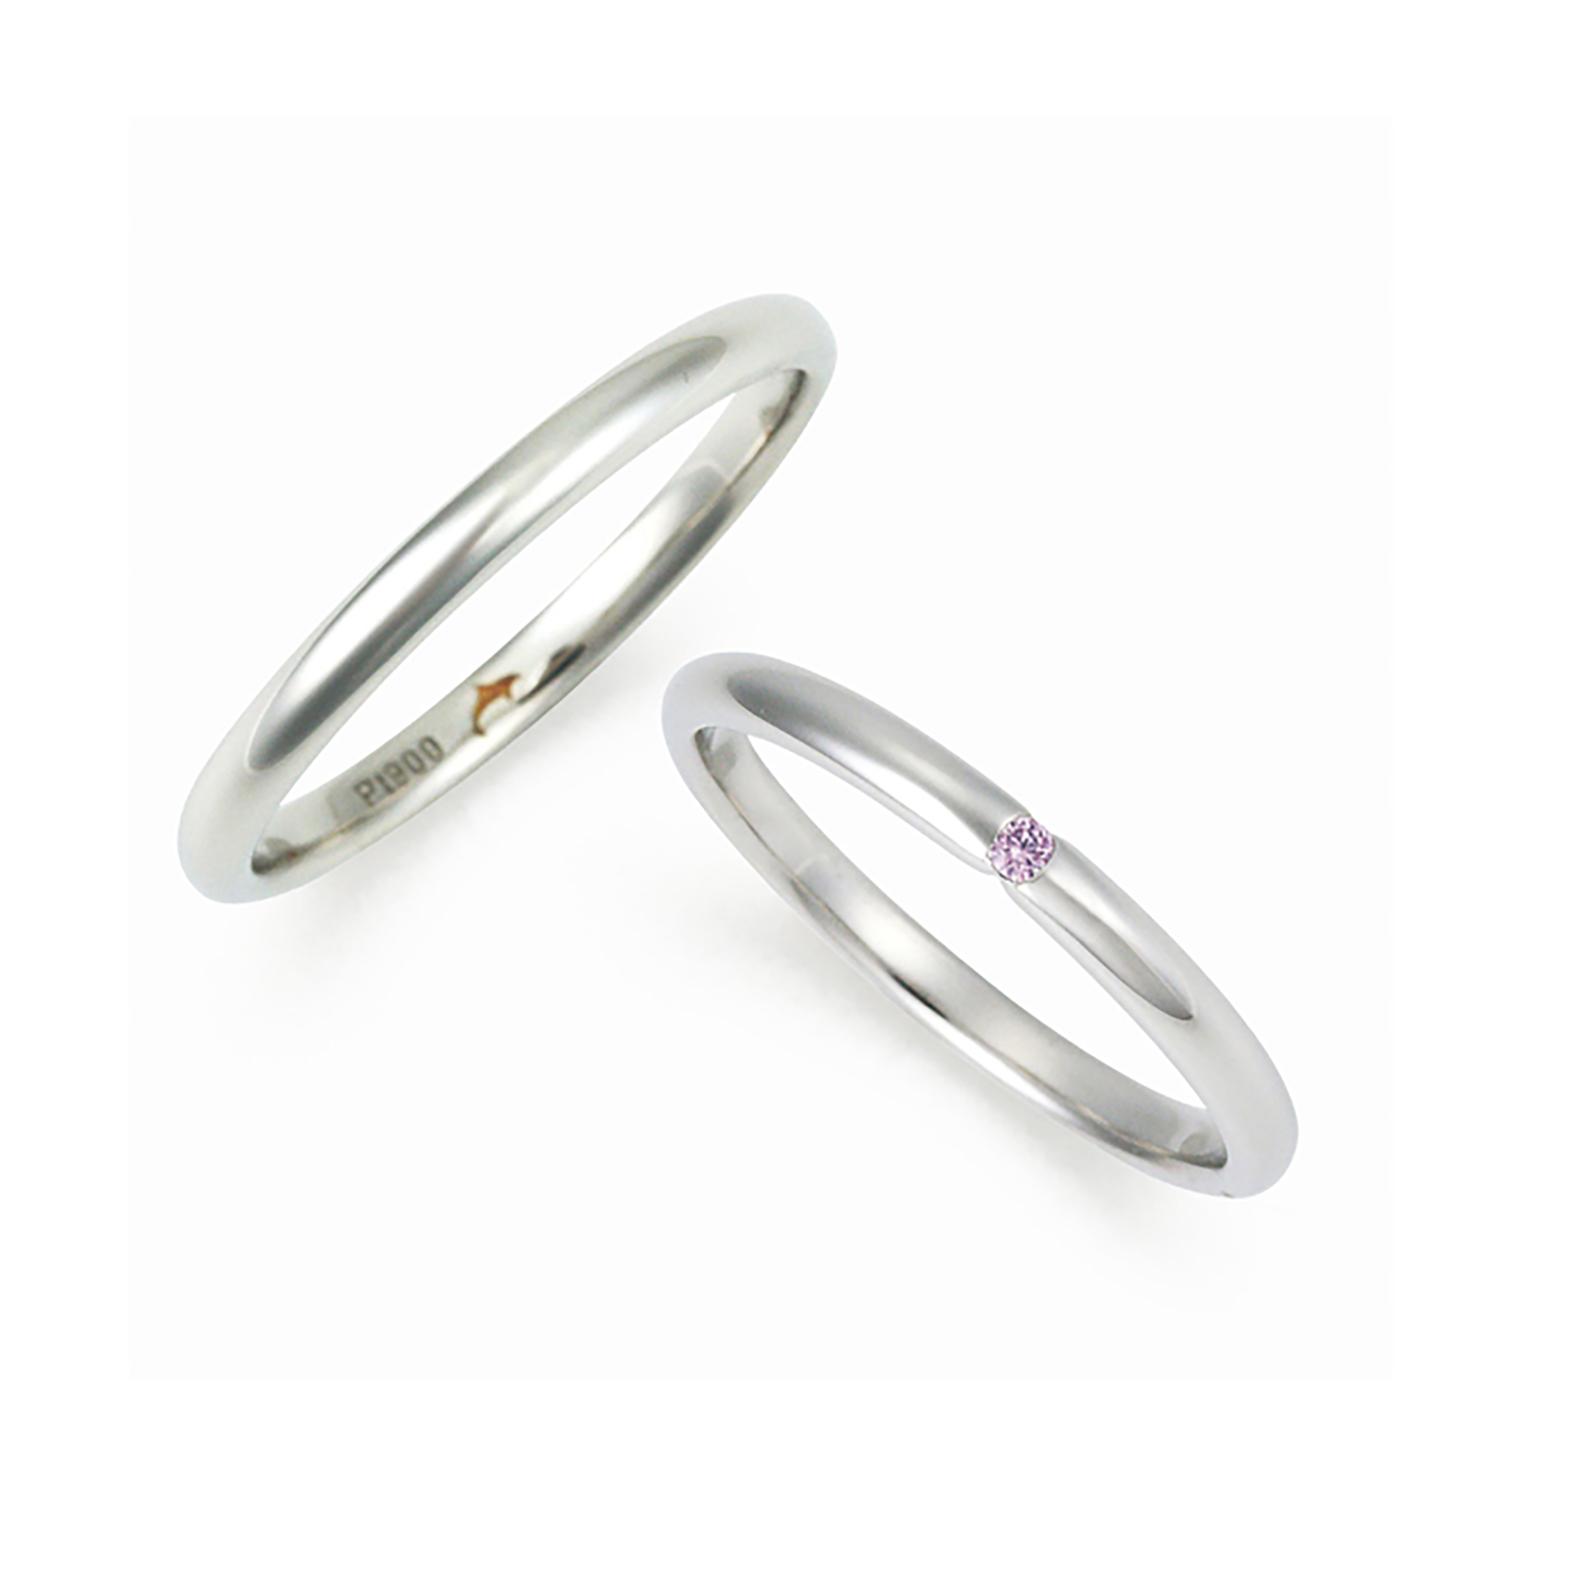 細身で華奢なシンプルストレートタイプの結婚指輪(マリッジリング)レディースには天然ピンクダイヤモンドが一粒入っています。